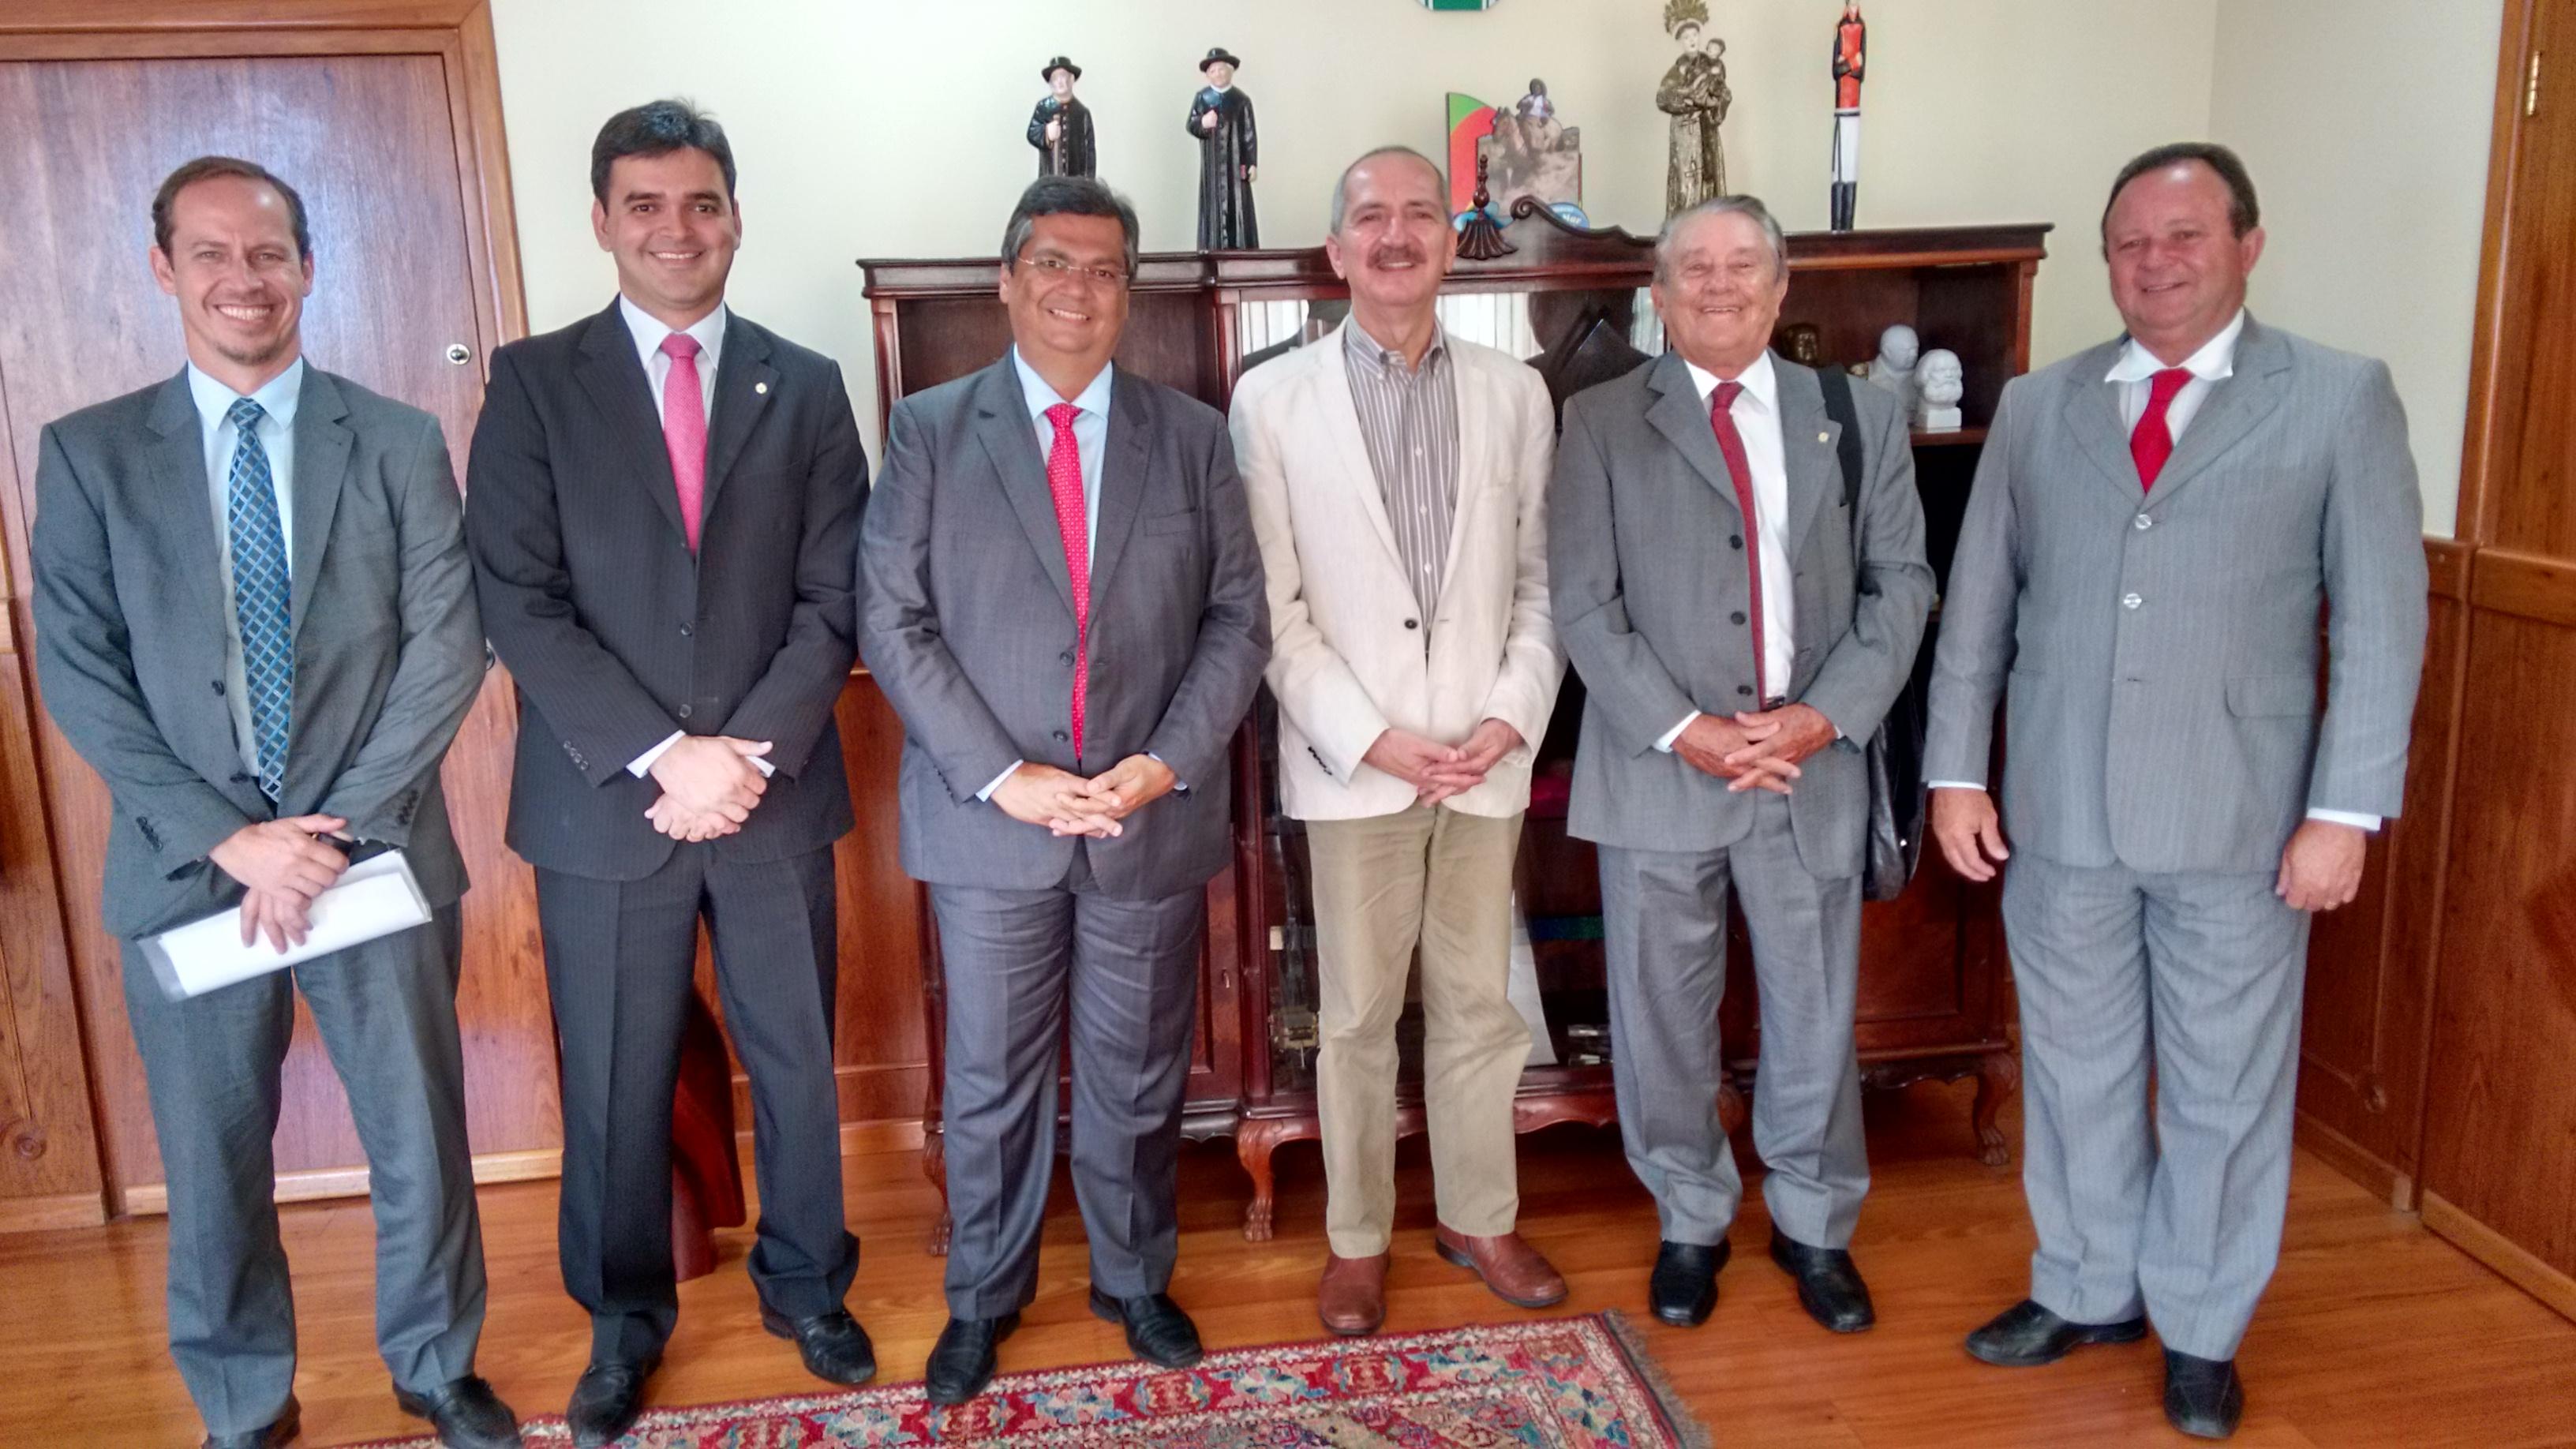 Foto 1 - reuniao_ministerio_defesa